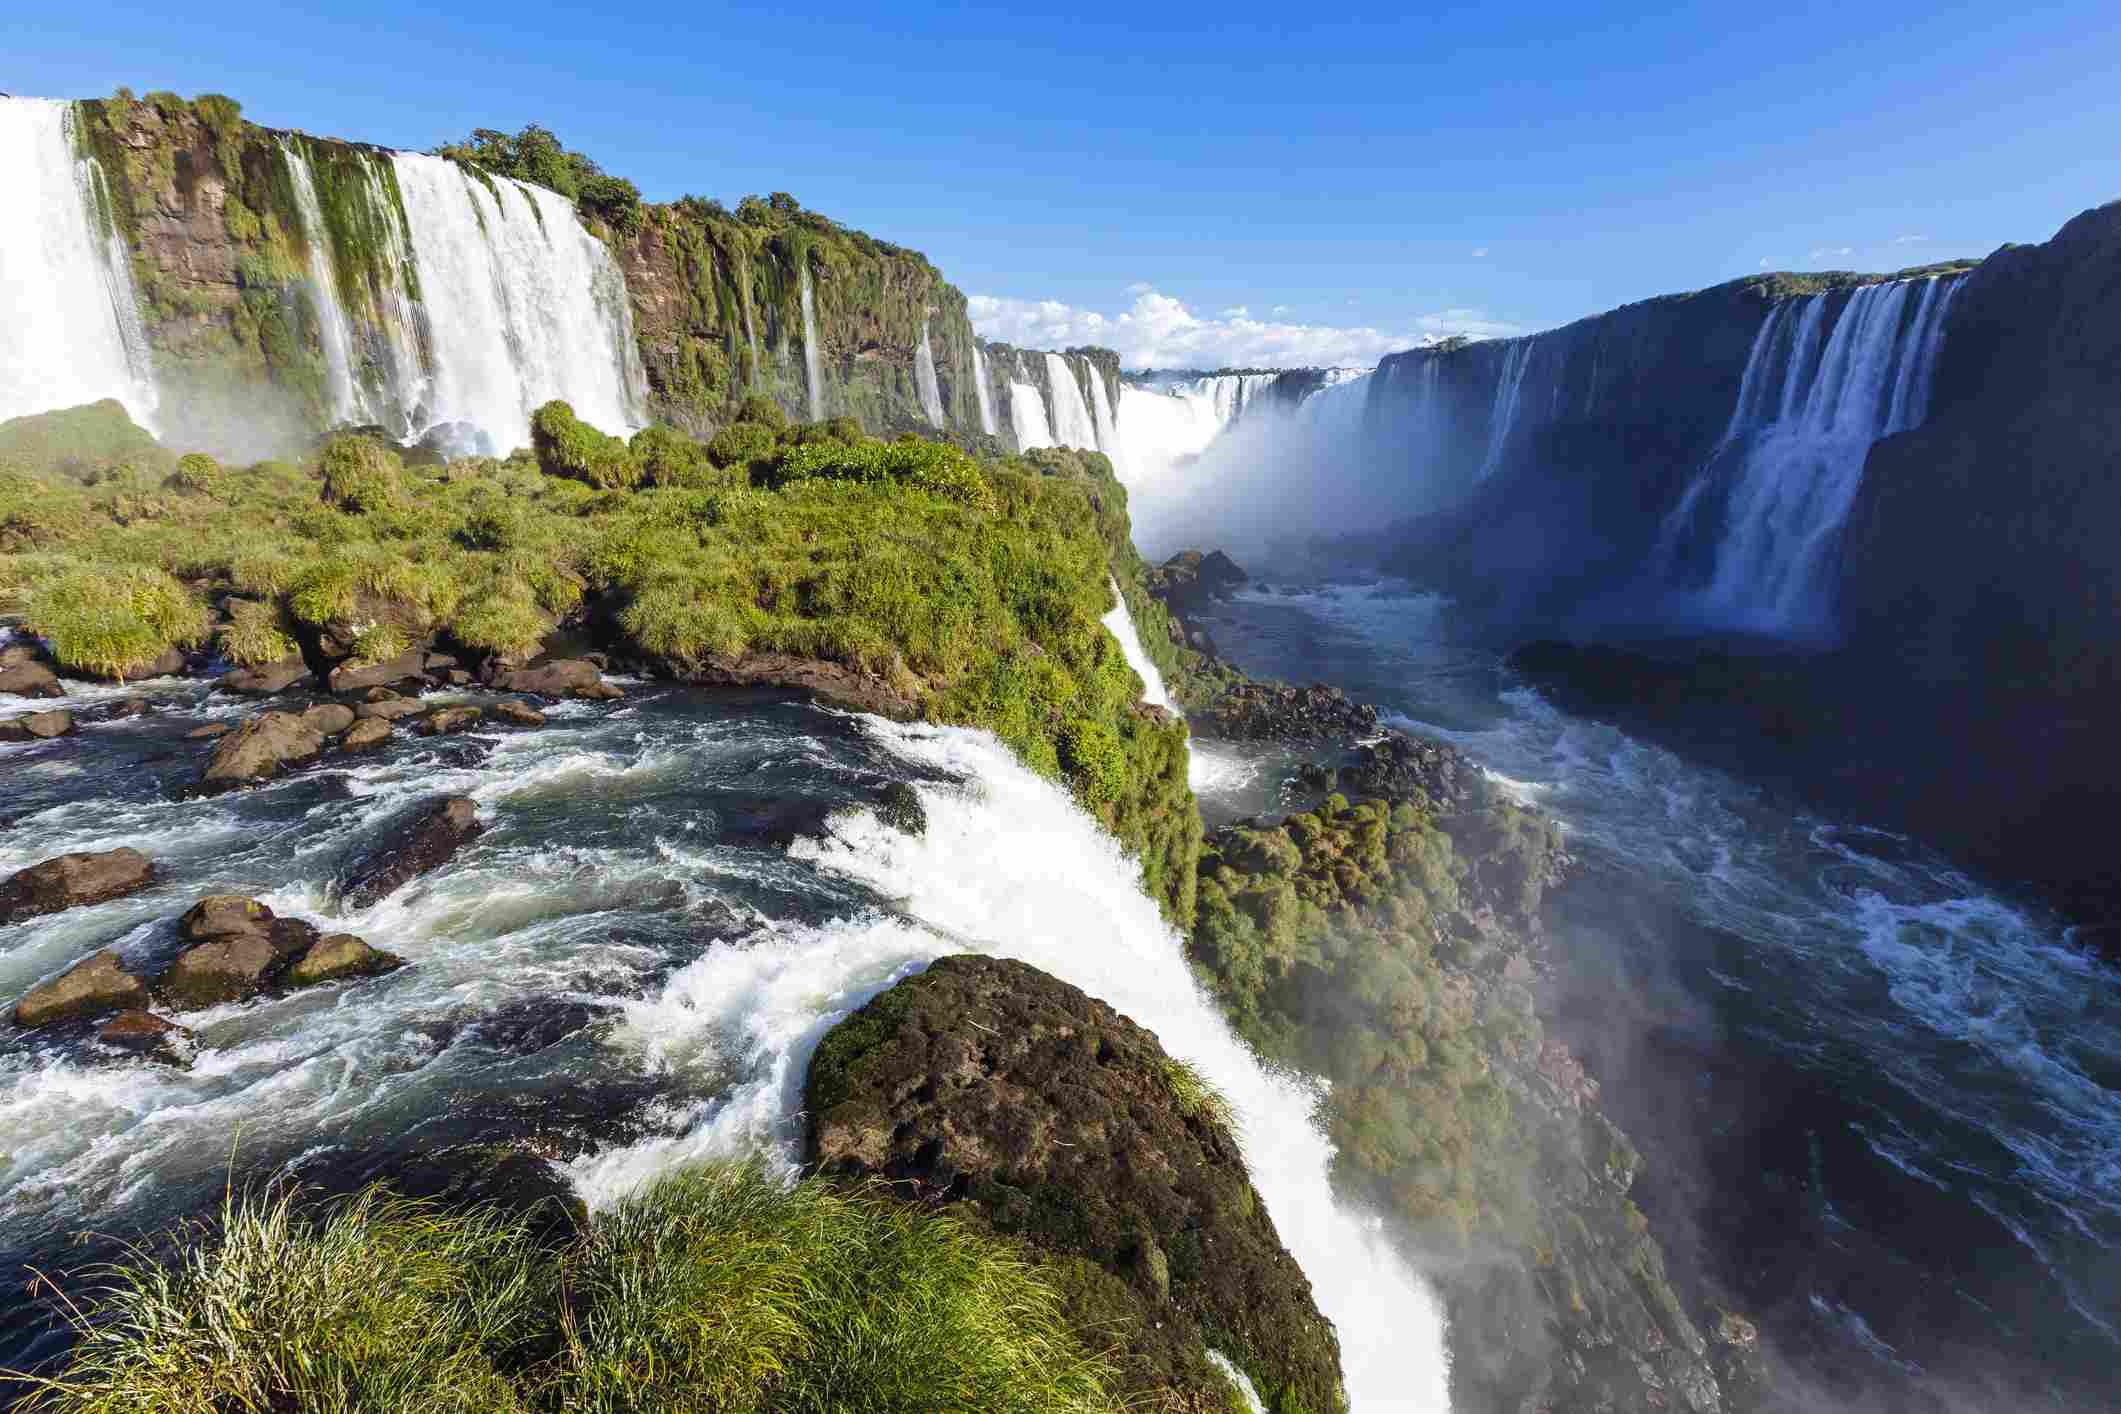 Iguacu waterfall and Devil's Throat, Brazil